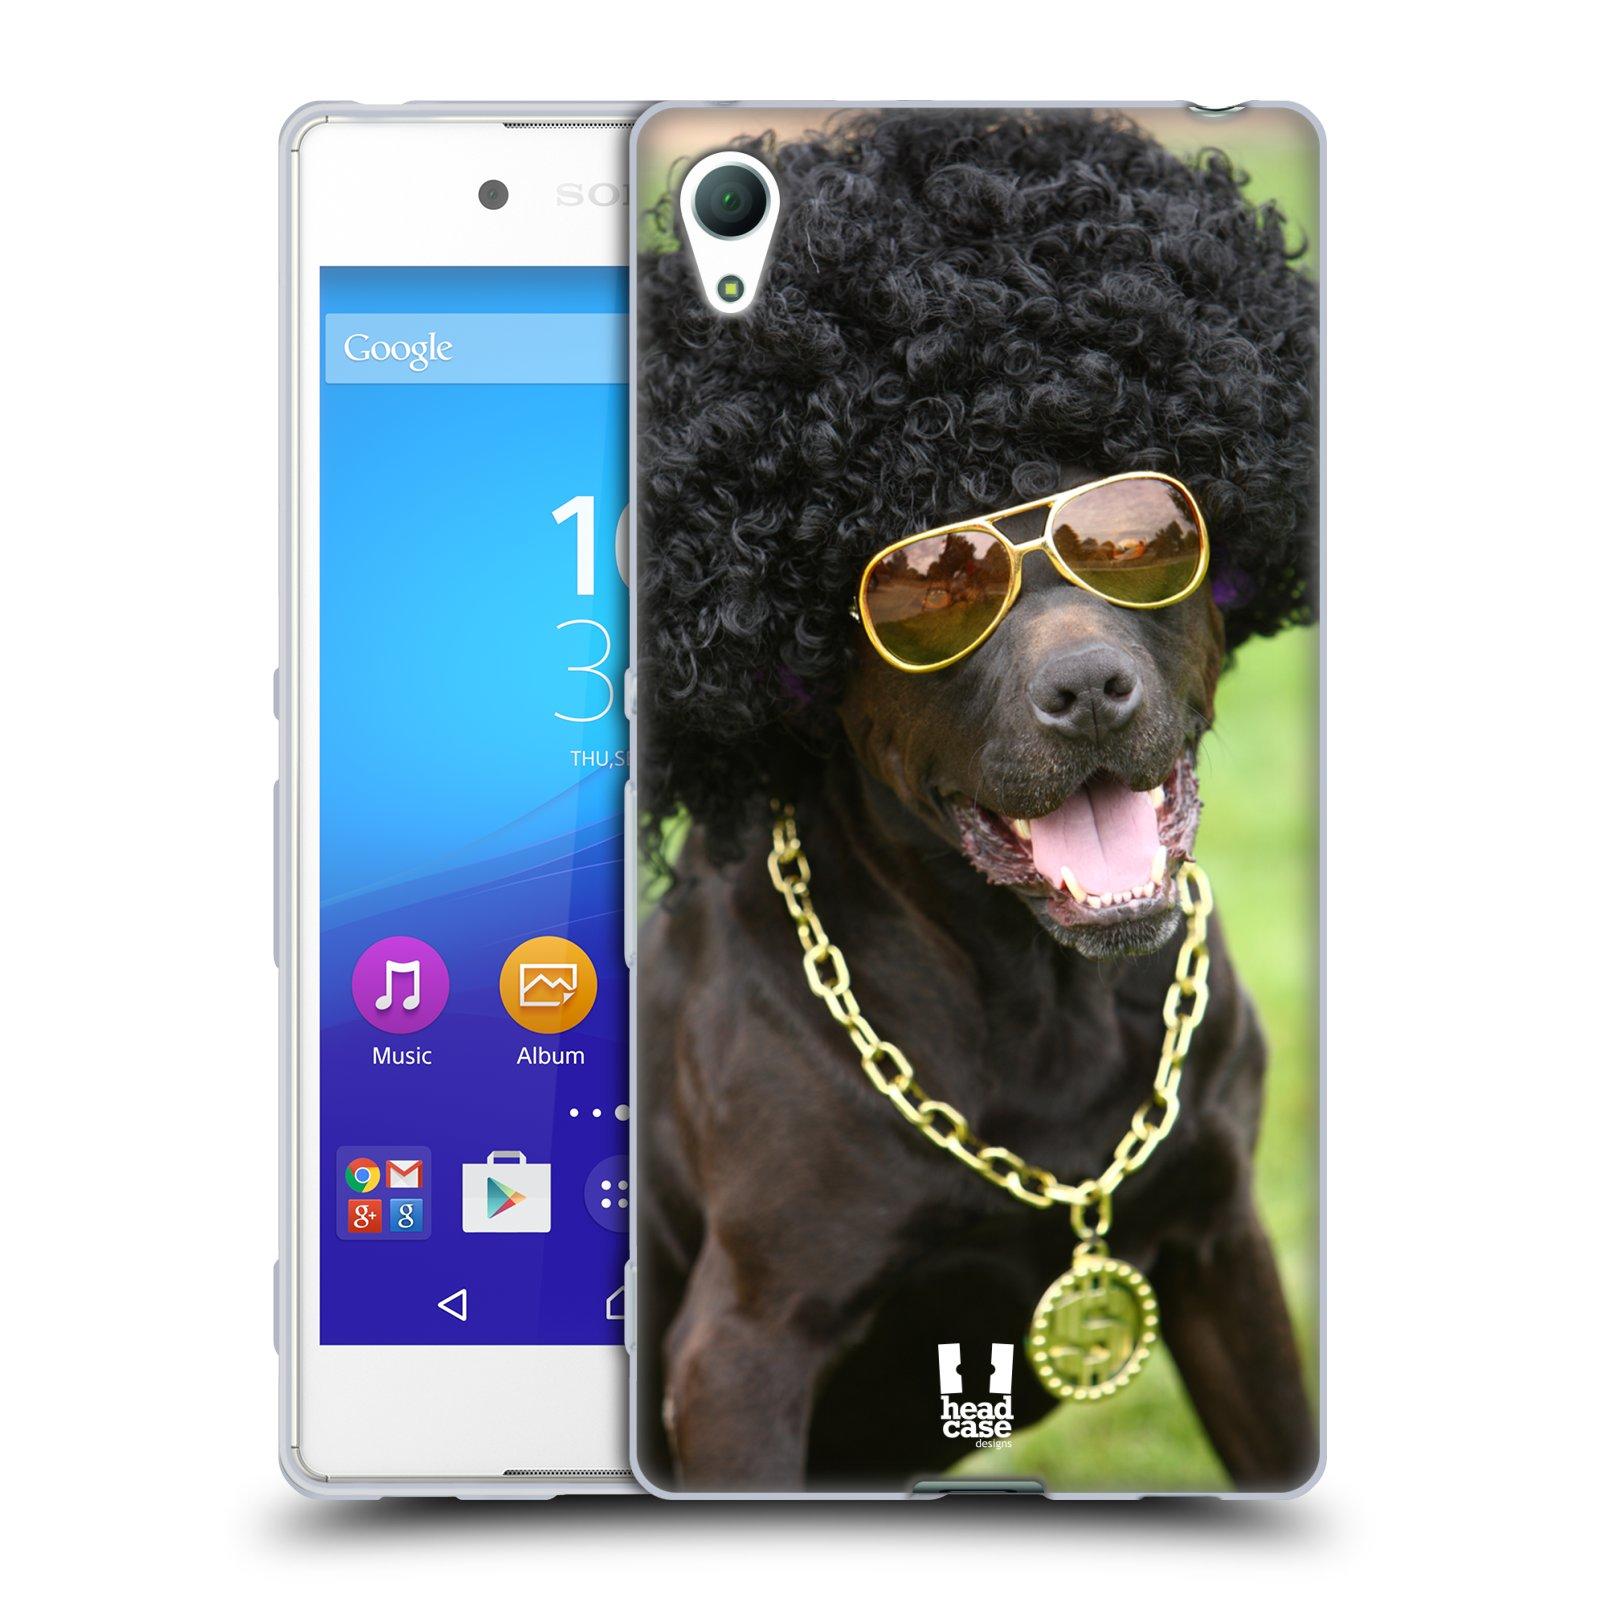 HEAD CASE silikonový obal na mobil Sony Xperia Z3 + (PLUS) vzor Legrační zvířátka pejsek boháč